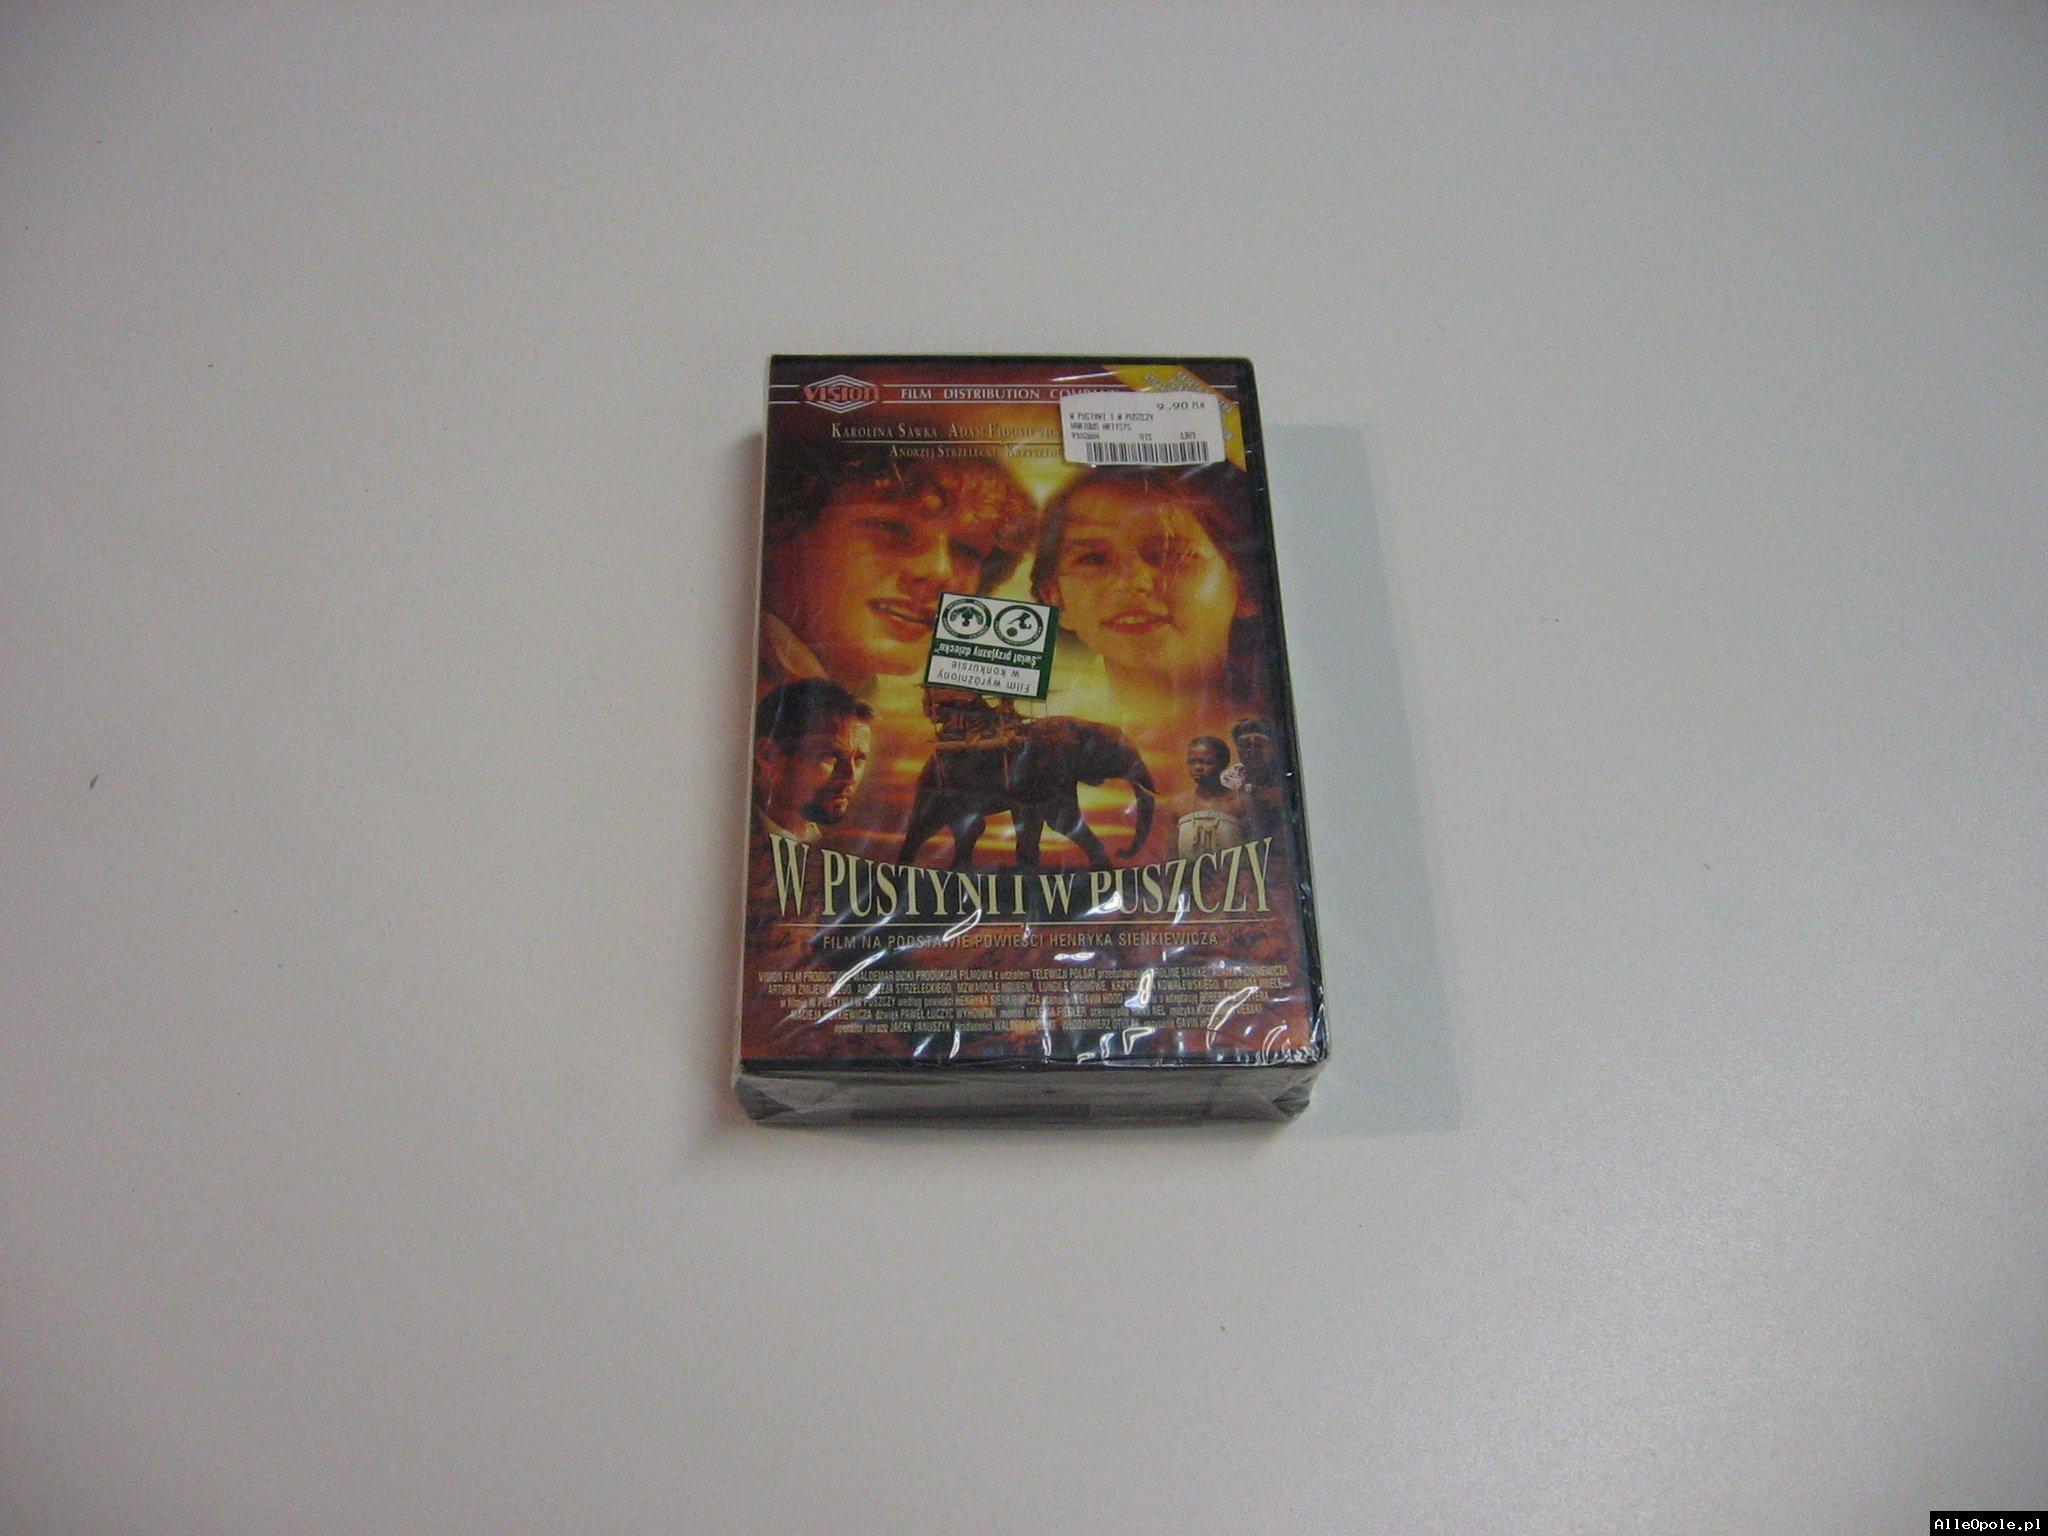 W PUSTYNI I W PUSZCZY - VHS Kaseta Video - Opole 1801